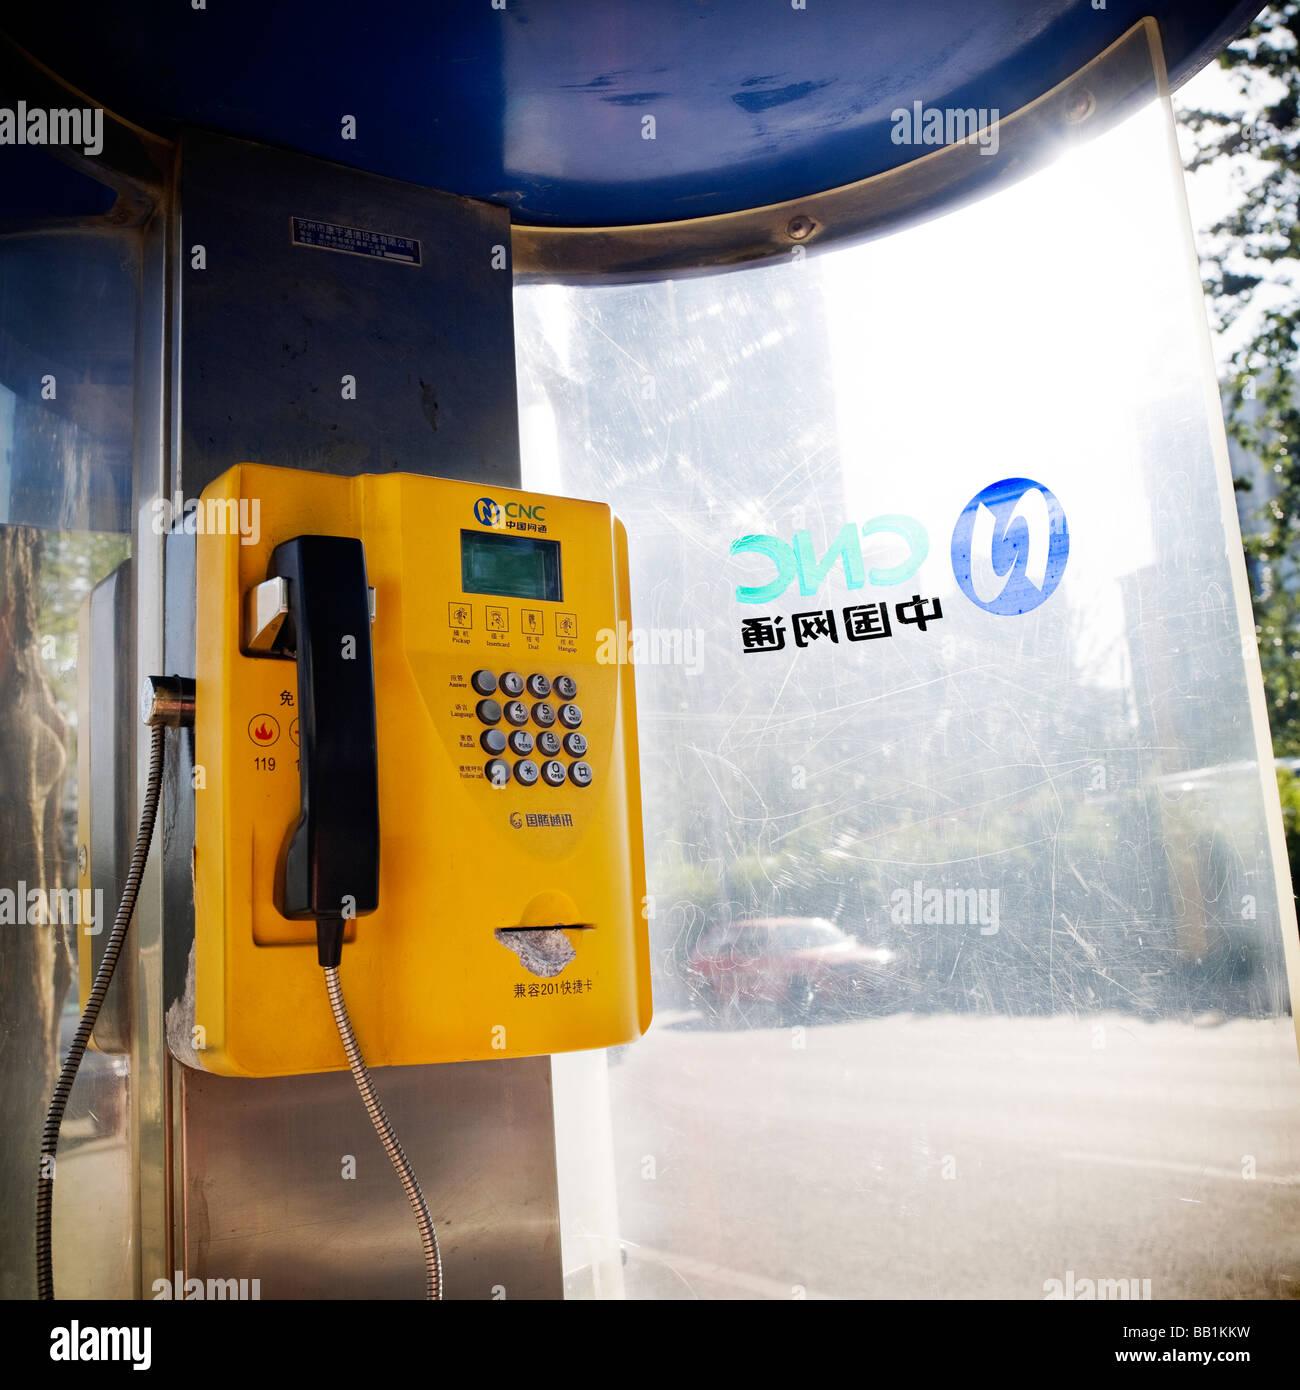 Beijing public telephone kiosk china - Stock Image